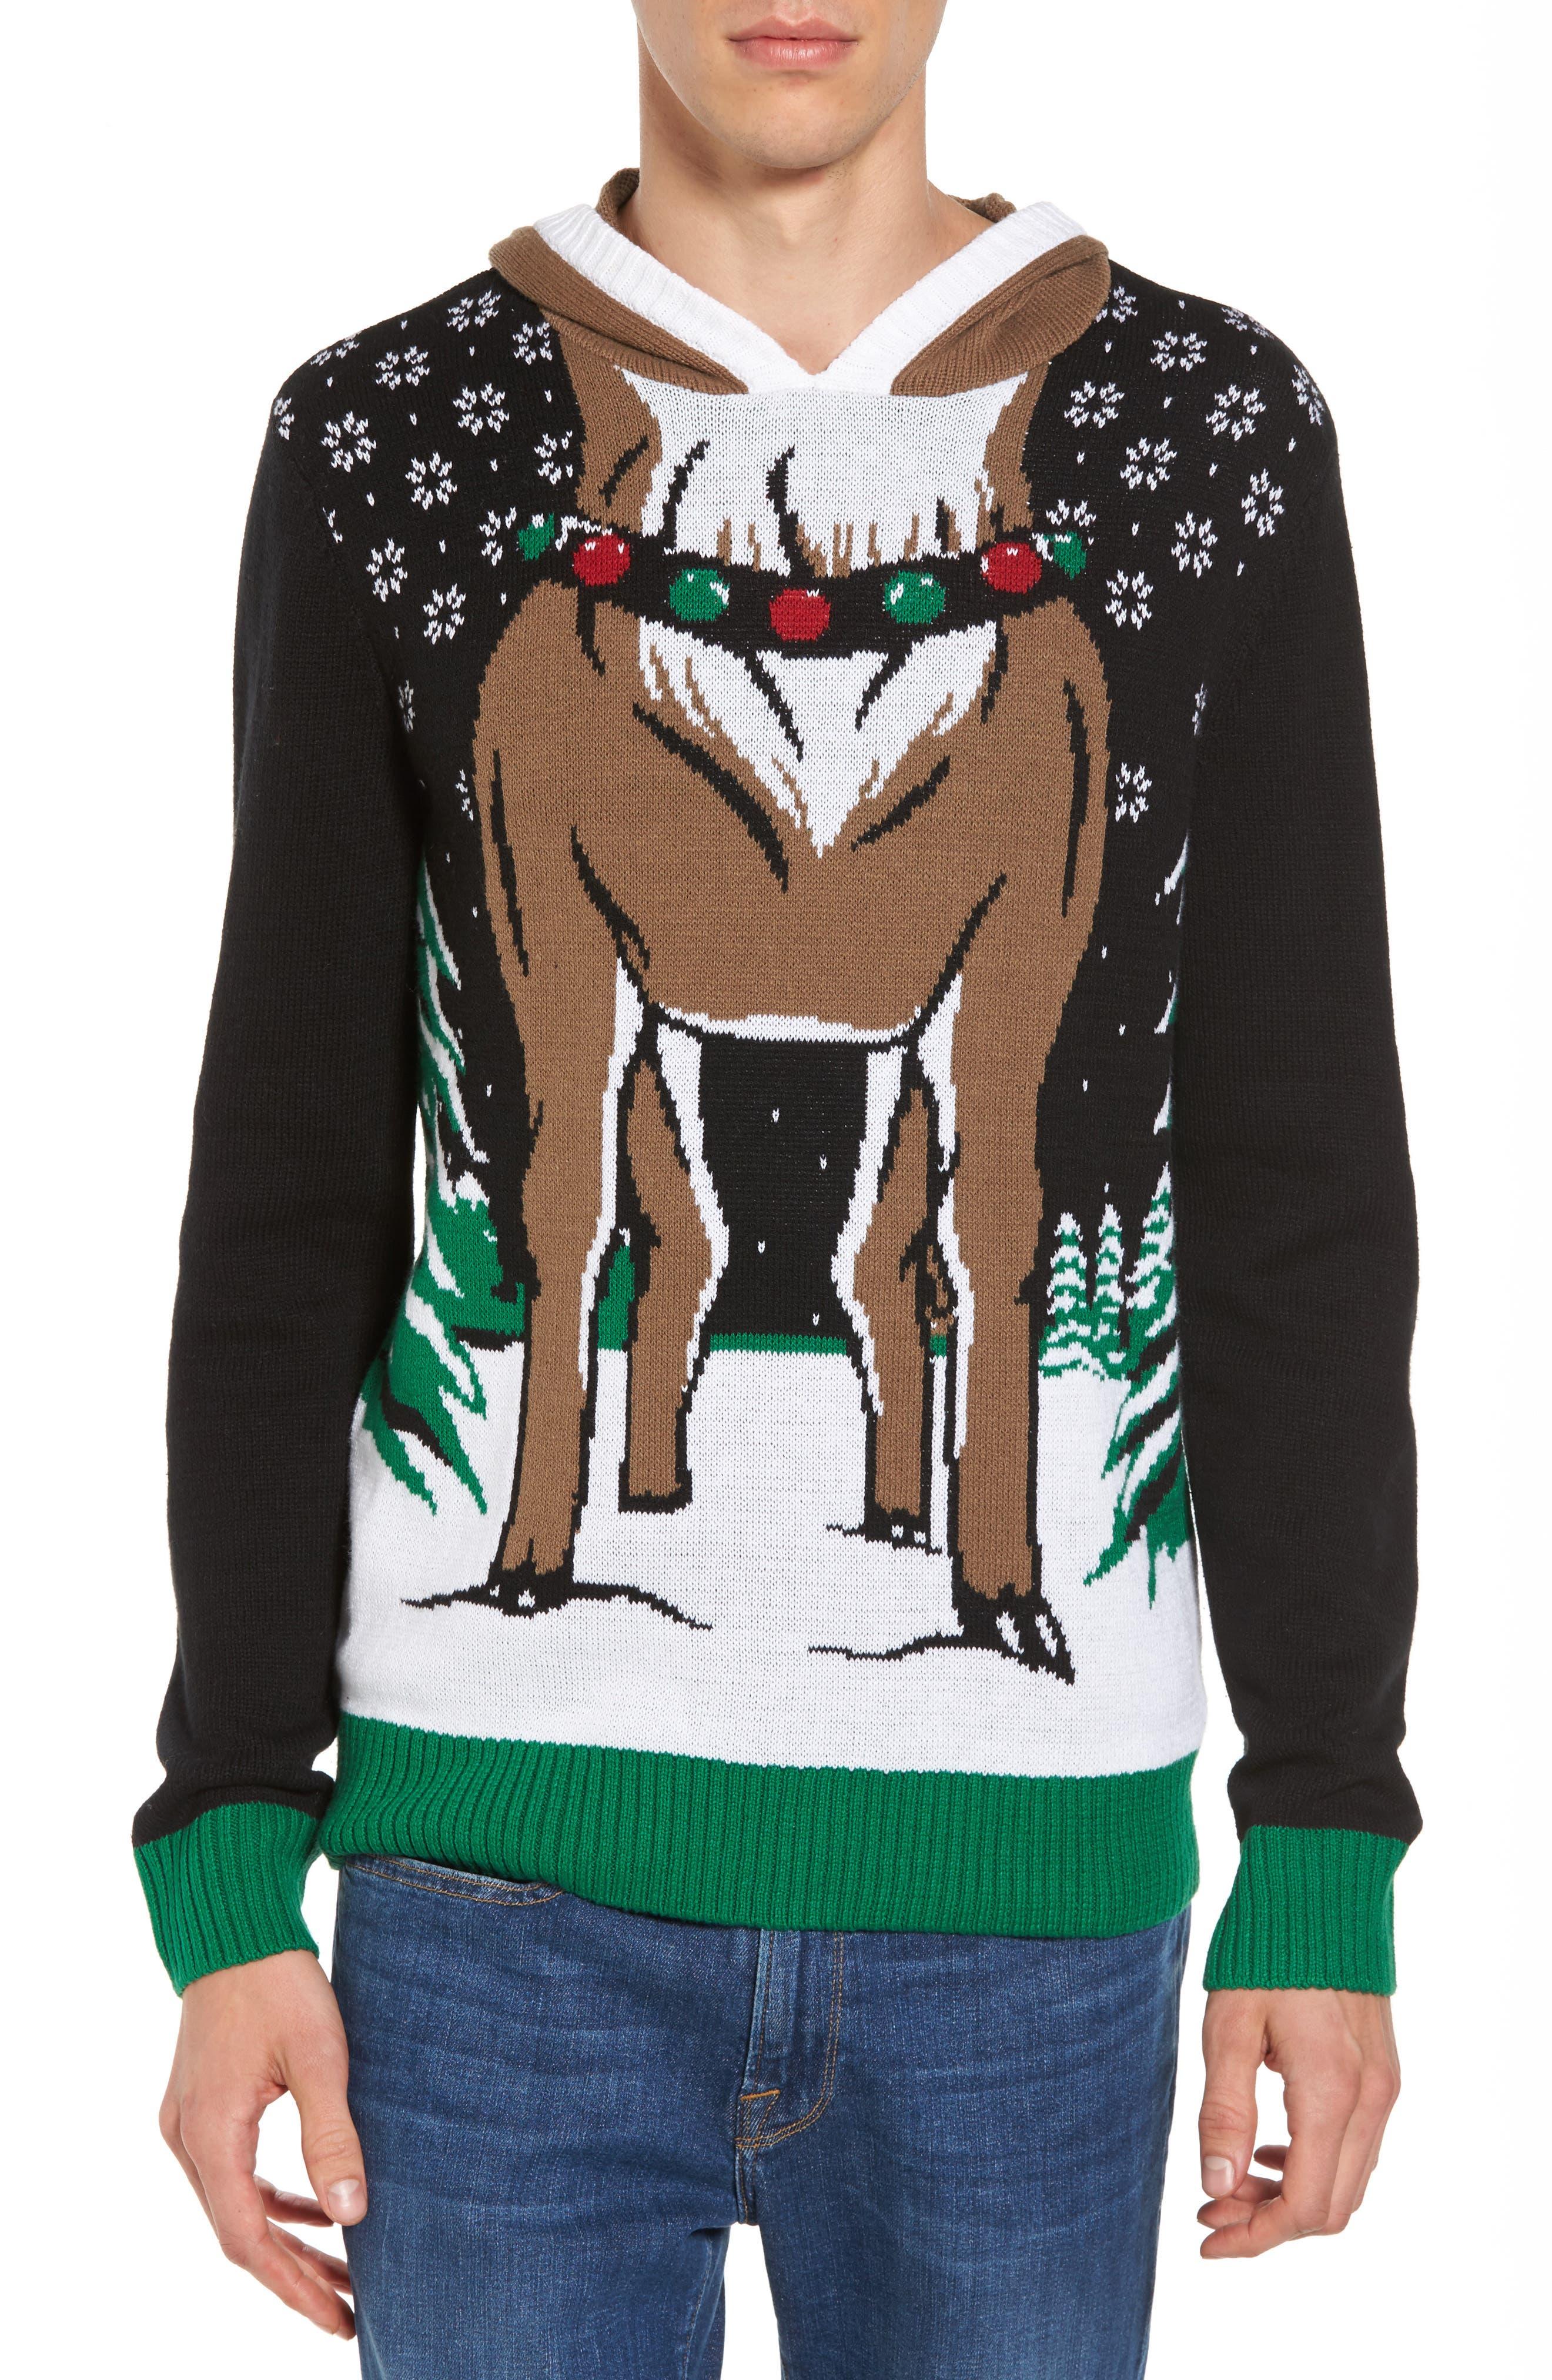 Reindeer Hooded Sweater,                         Main,                         color, Black Reindeer